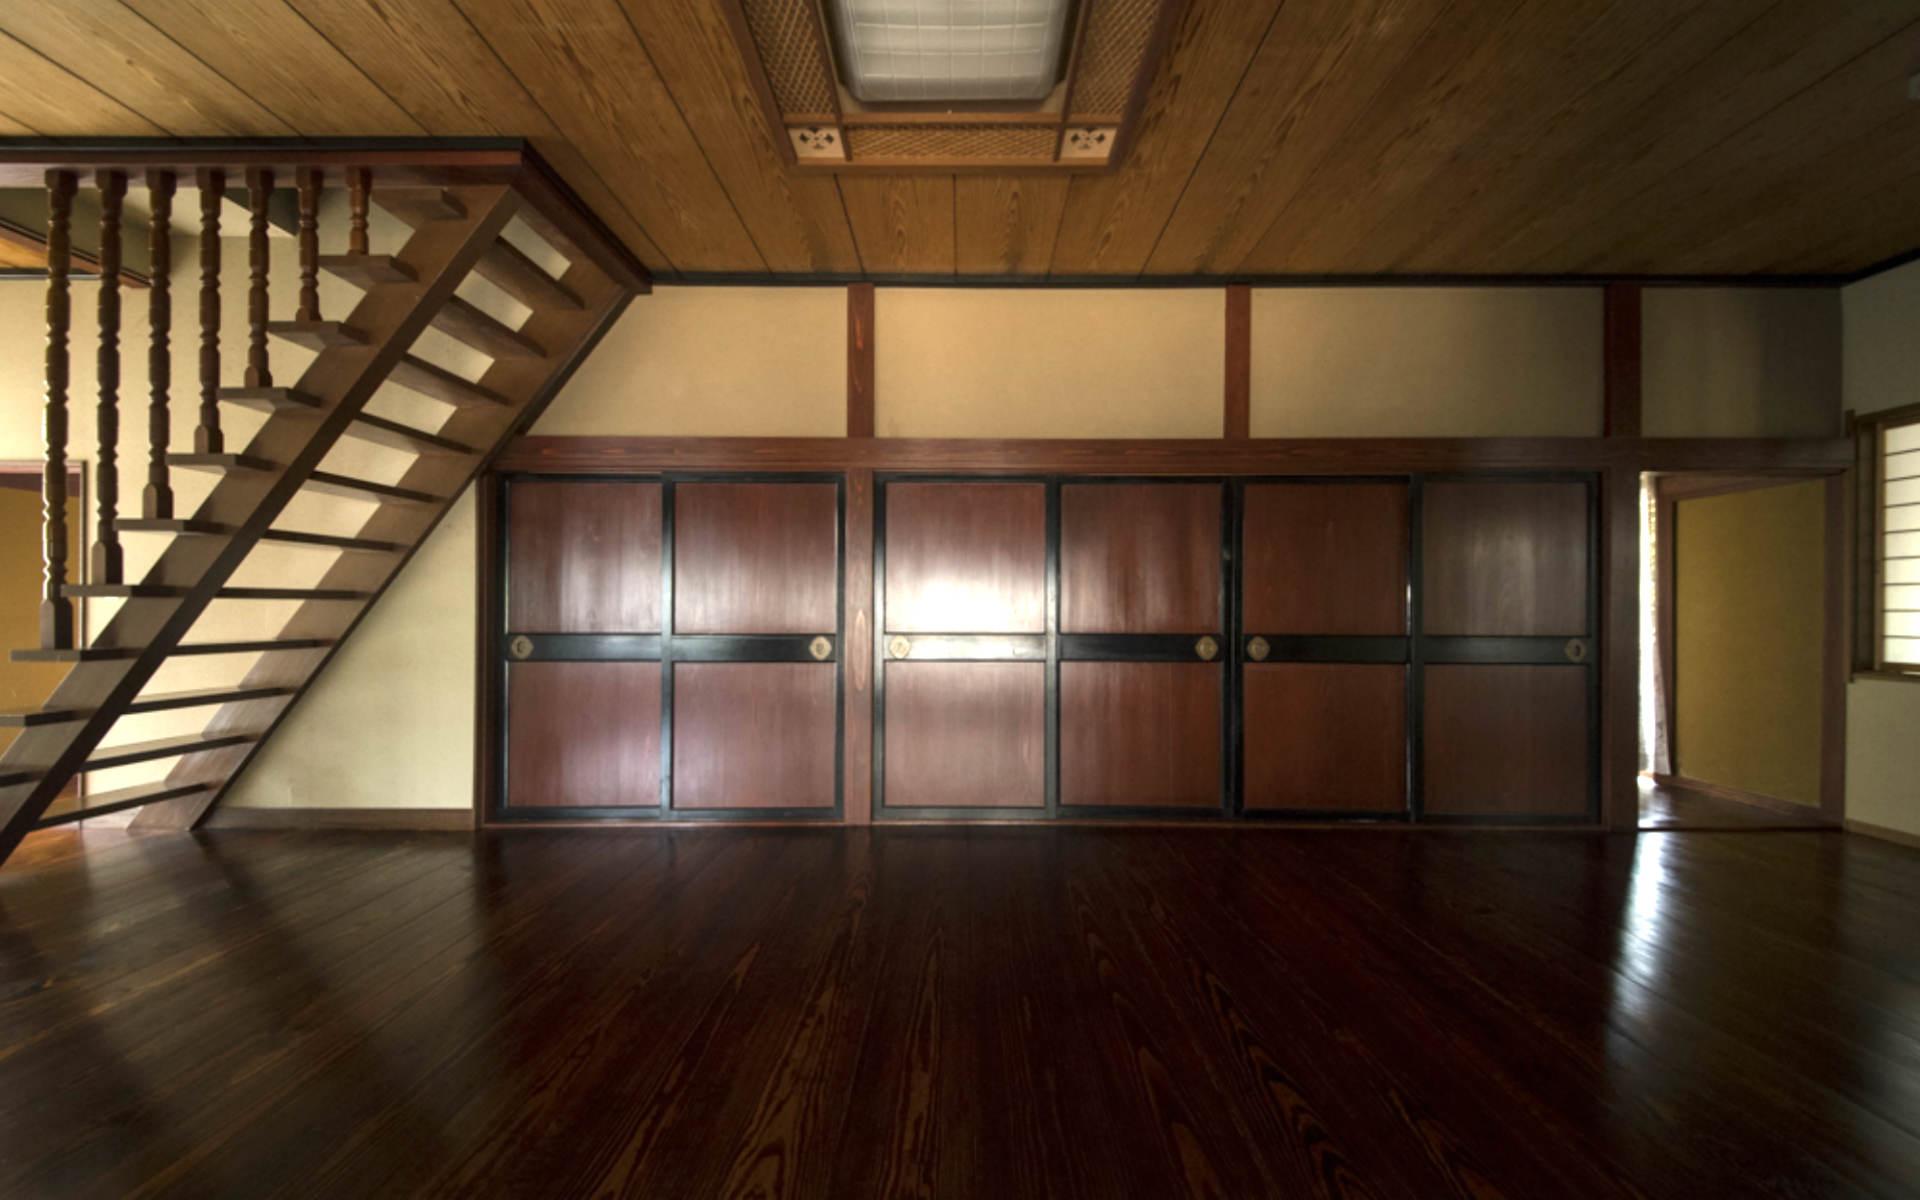 床も天井も漆塗り。100年経っても色あせない「漆の家」